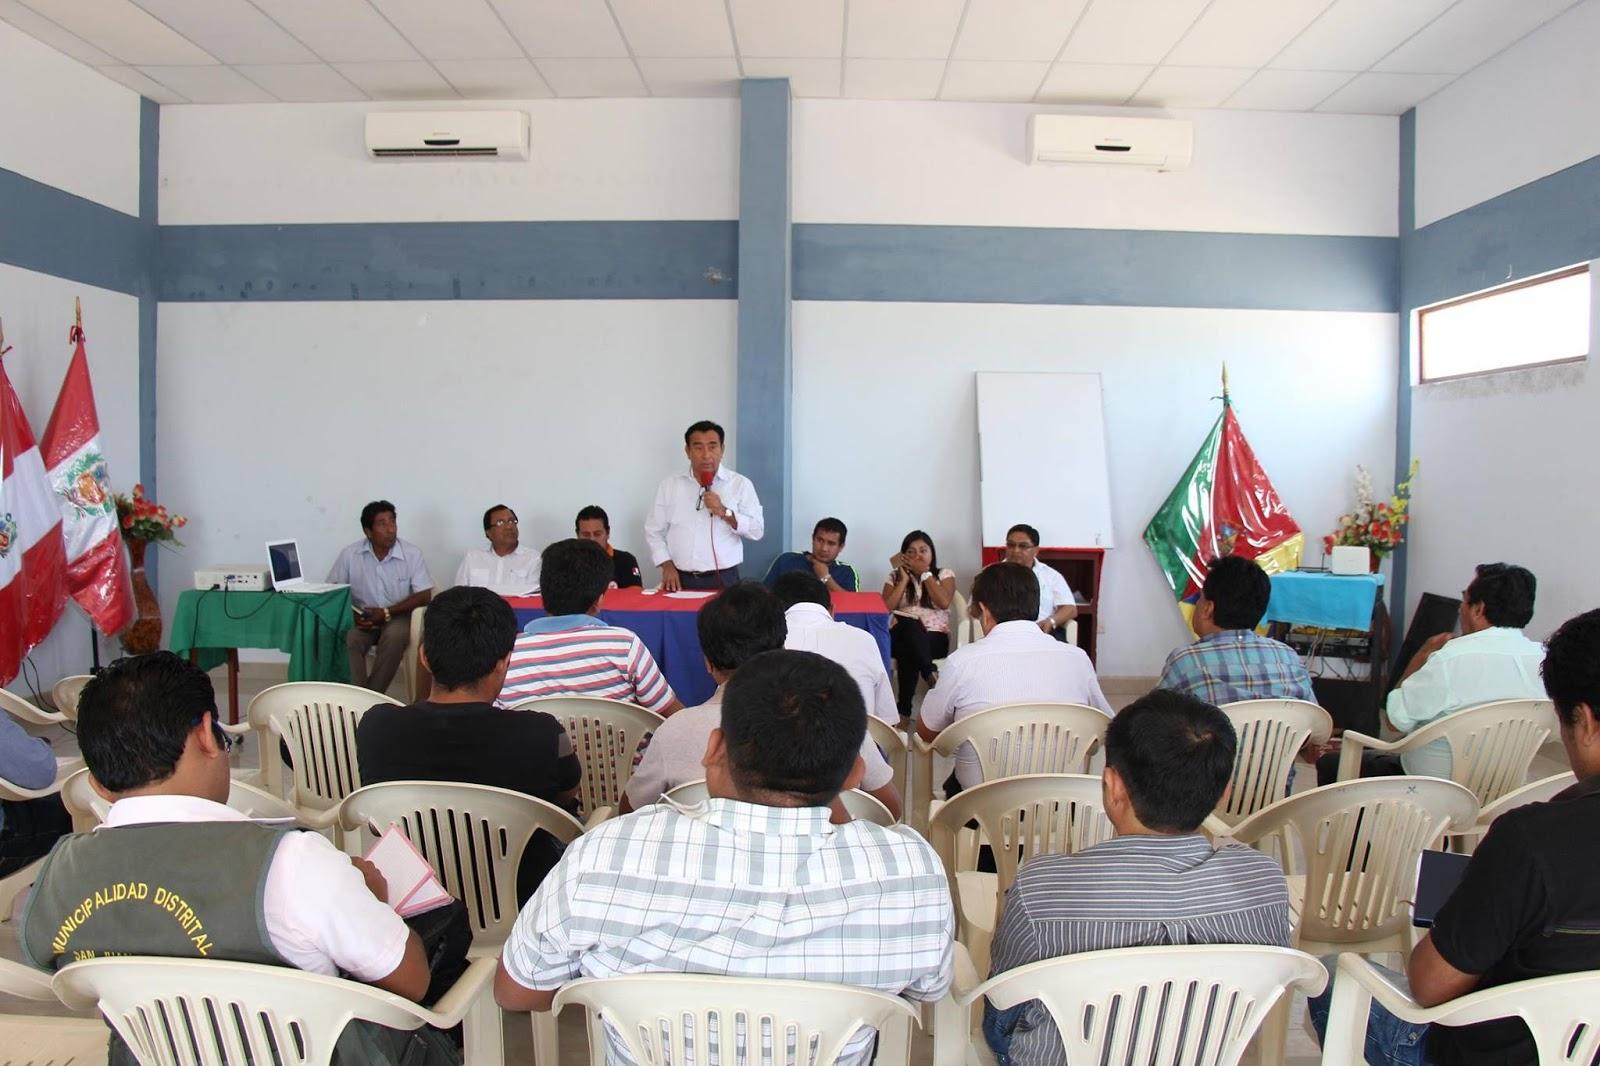 Municipalidad La Matanza Realiza Taller De Capacitaci N En